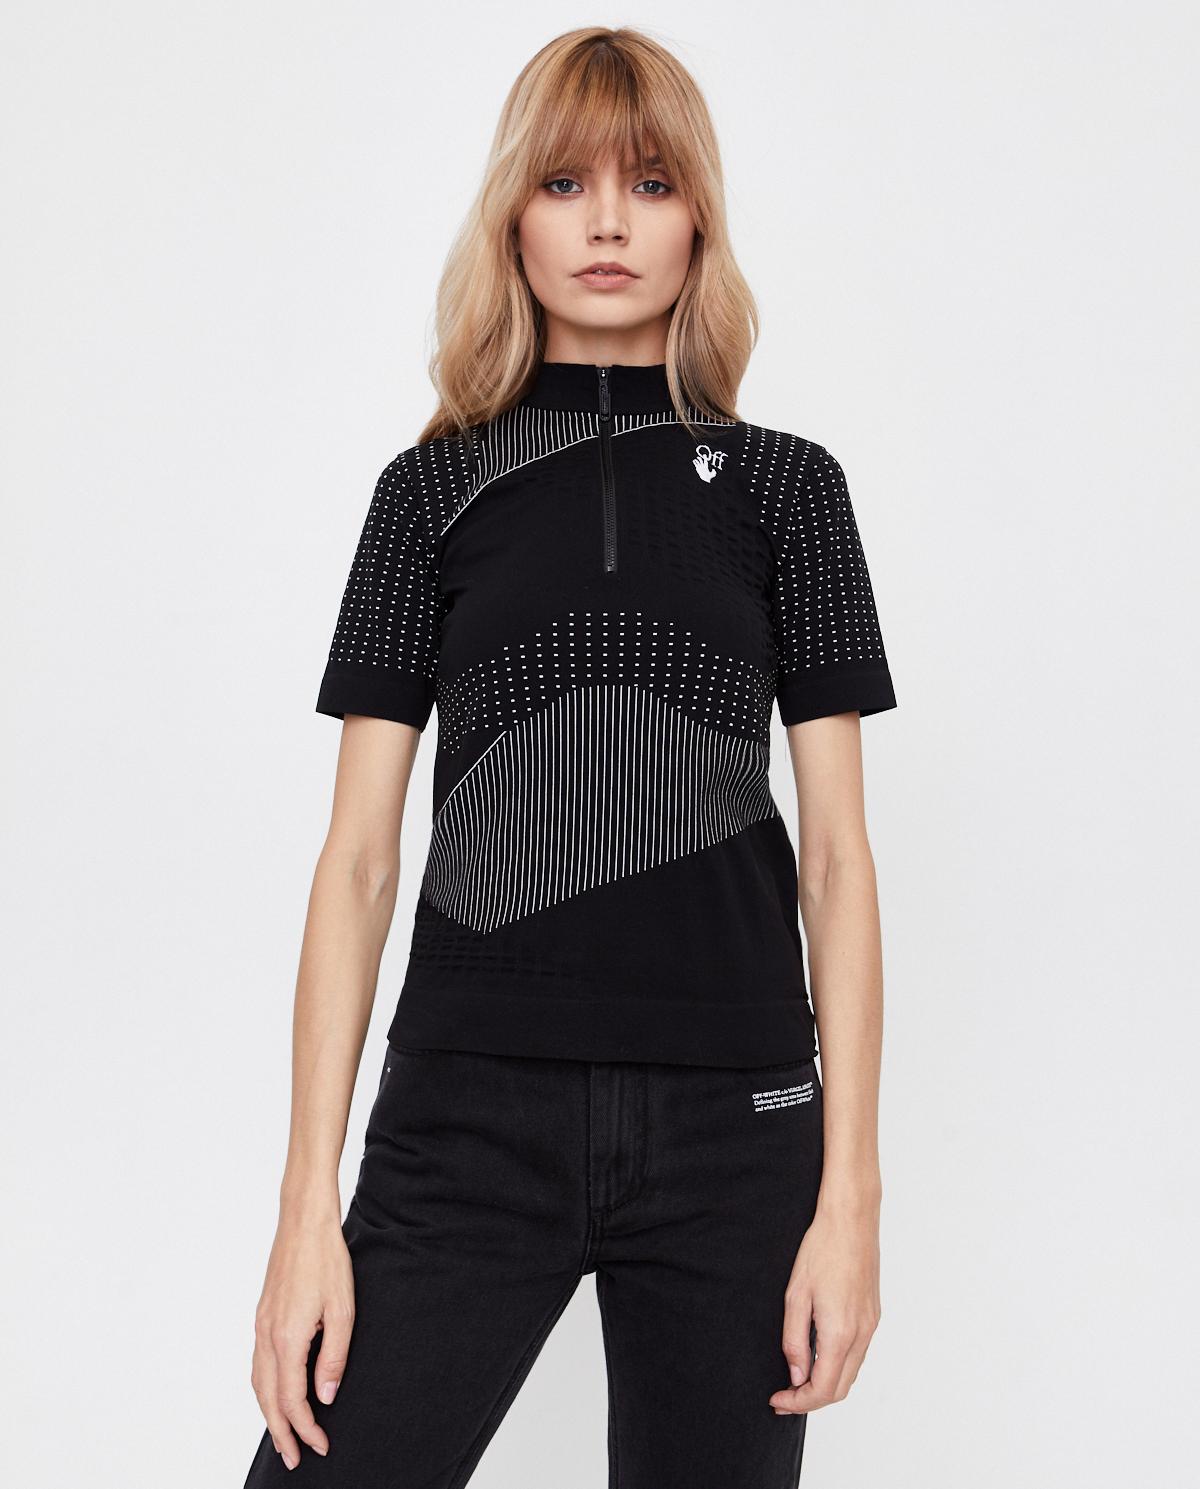 Damski czarny t-shirt z suwakiem Off-white OWVA011F20KNI0011001